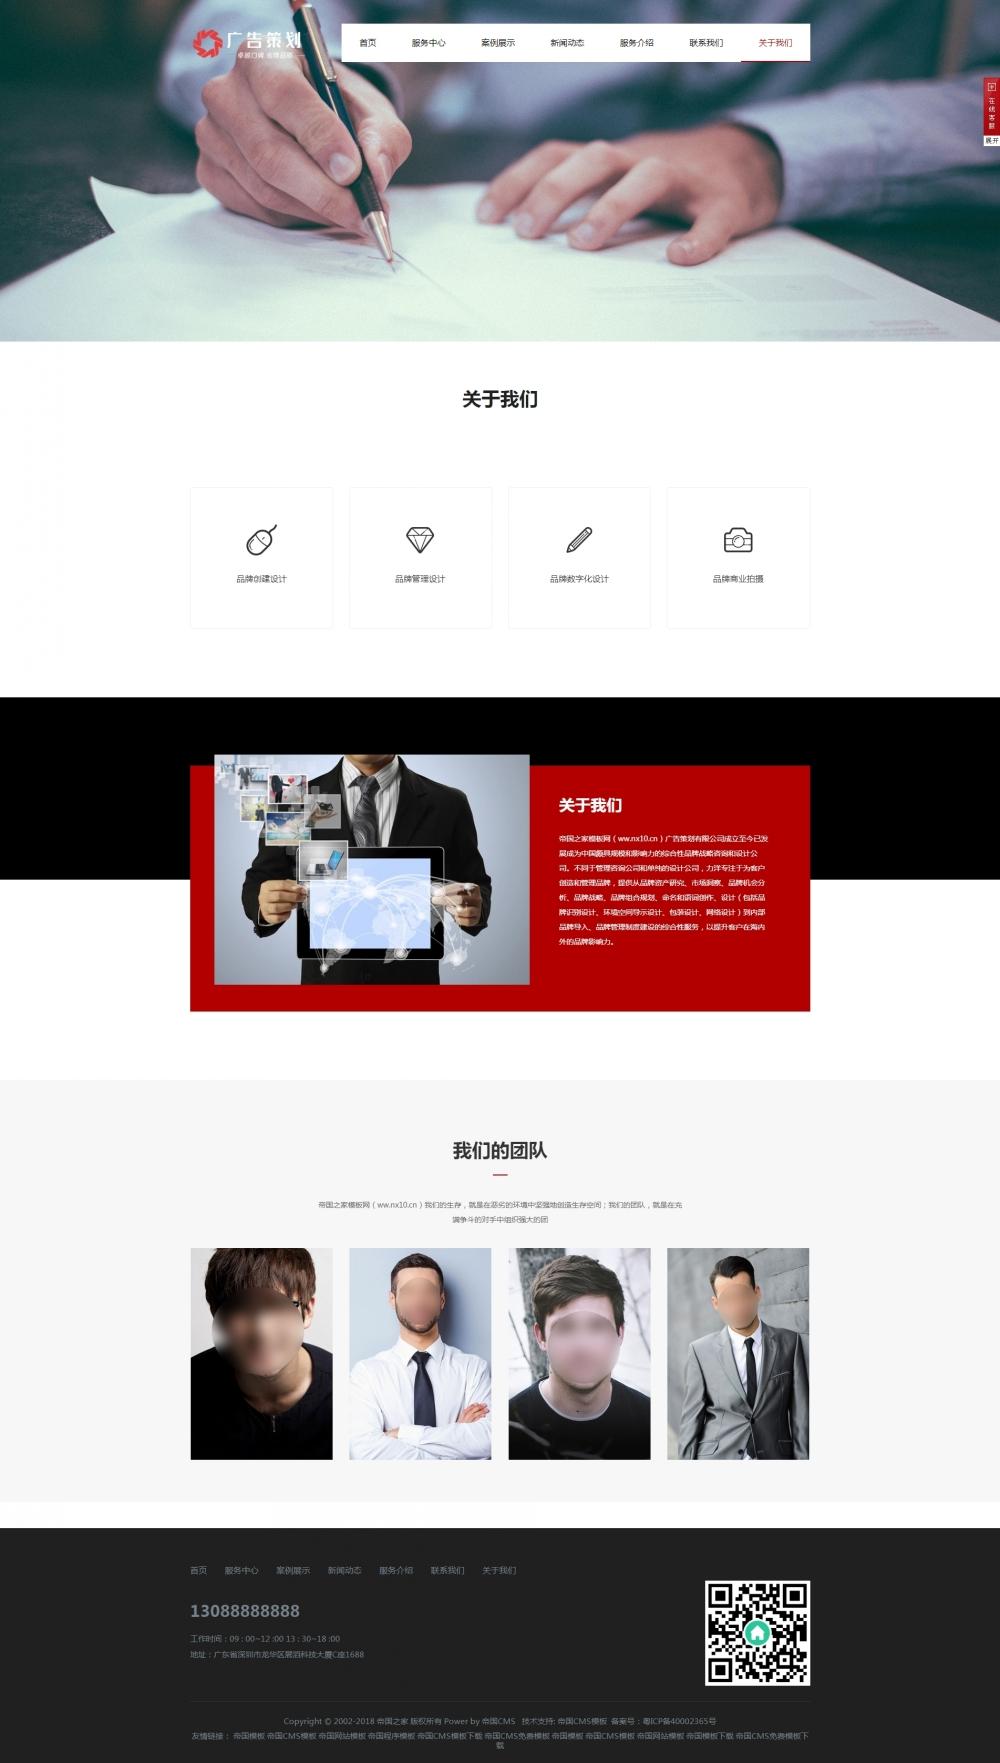 7关于我们.jpg [DG-0164]帝国cms响应式广告策划模板 自适应品牌营销策划网站源码模板 企业模板 第7张